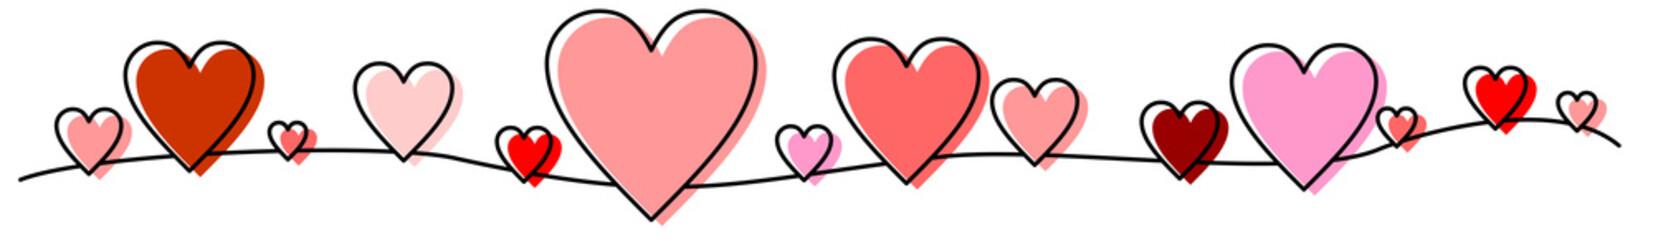 Rote und rosa Herzen als Banner, Band